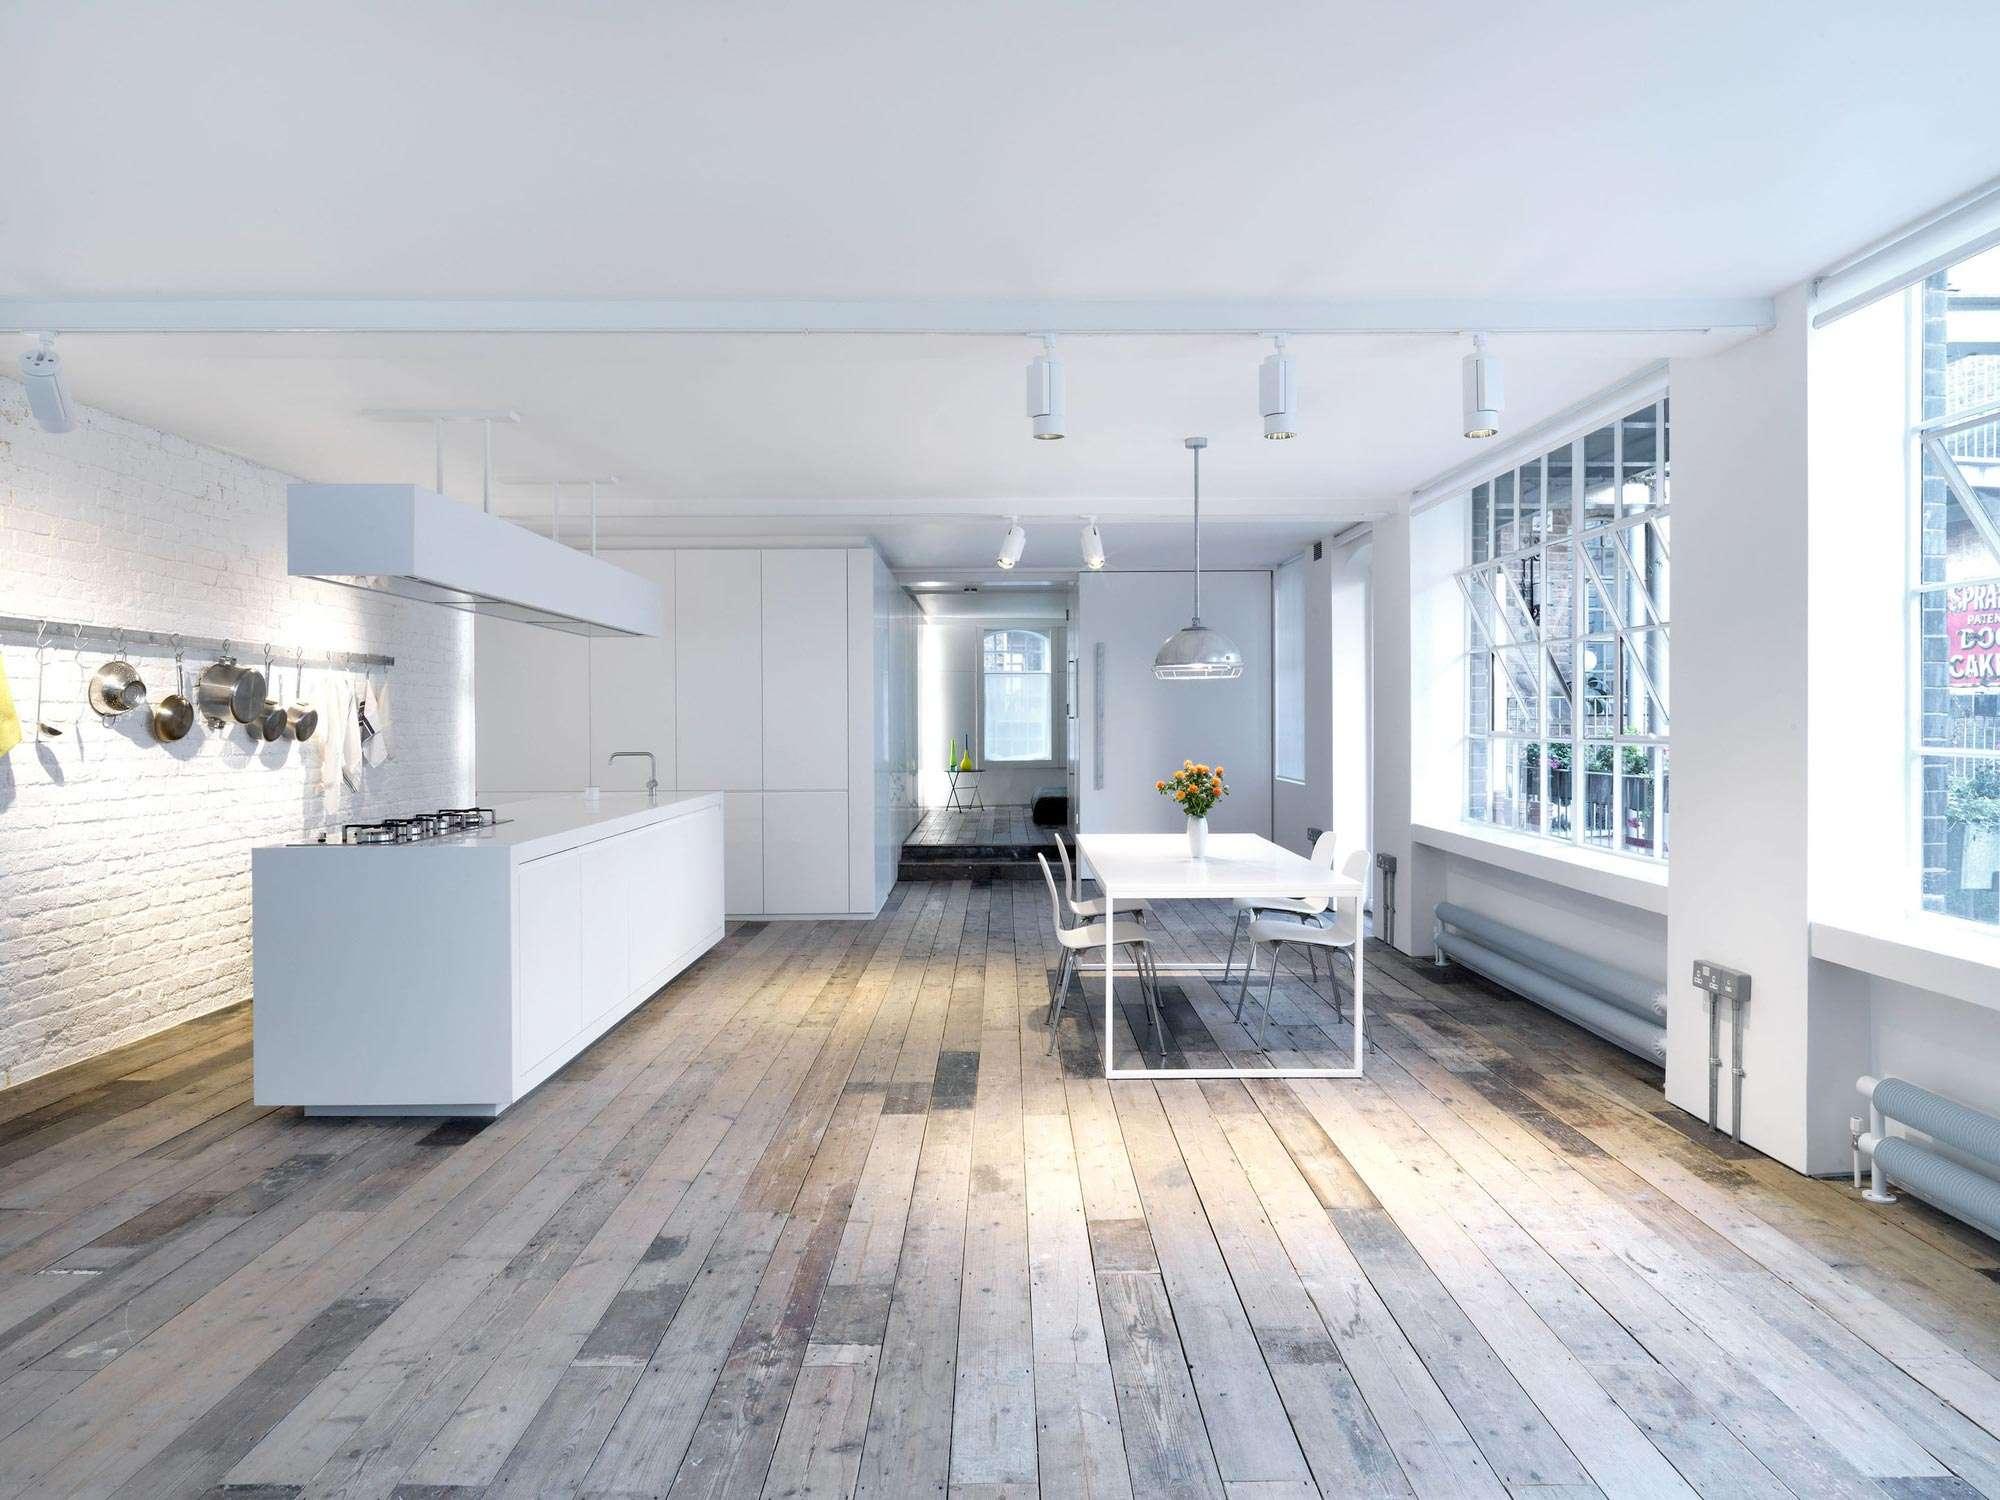 Guida a quando l abitare diventa condivisione di spazi l for Case loft